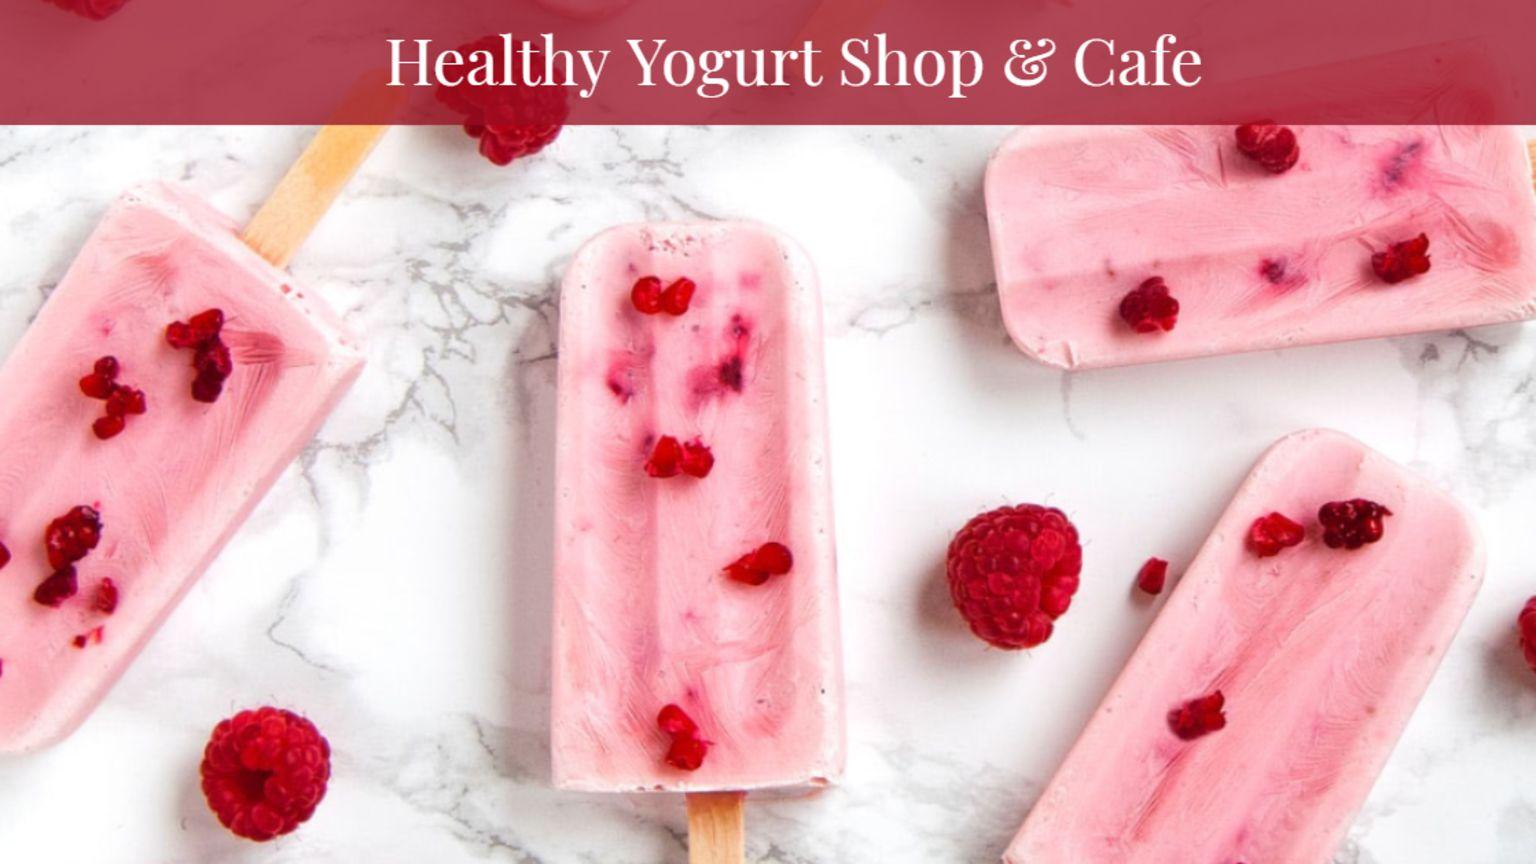 Healthy Yogurt Shop & Cafe